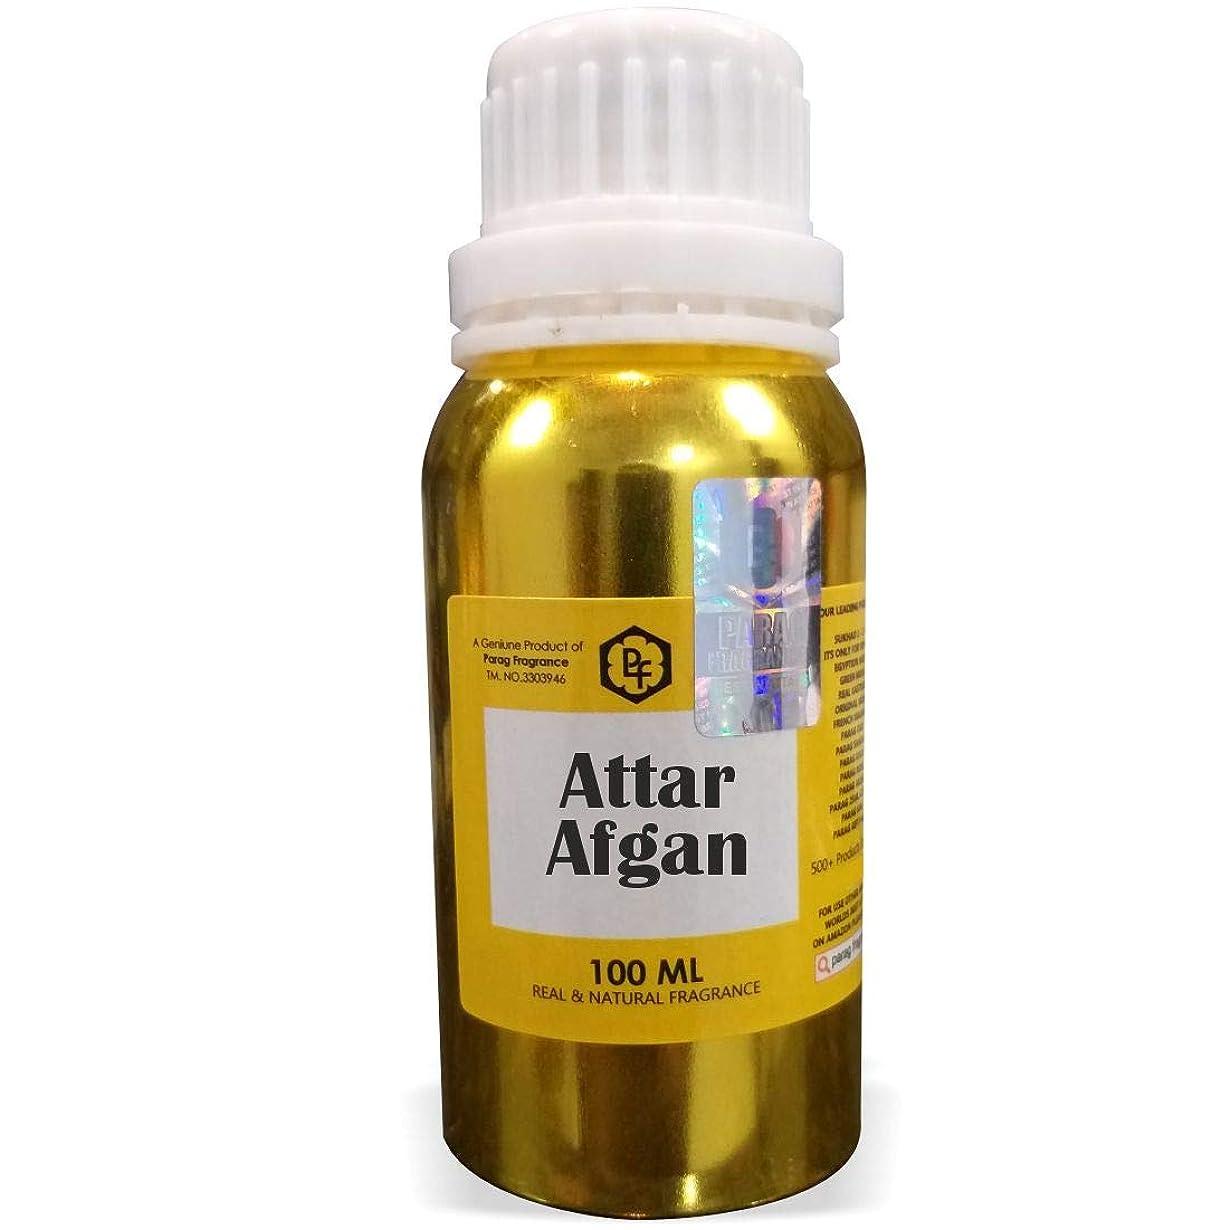 シート意志に反する人工Paragフレグランスアターアフガンアター100ミリリットル(男性用アルコールフリーアター)香油| 香り| ITRA